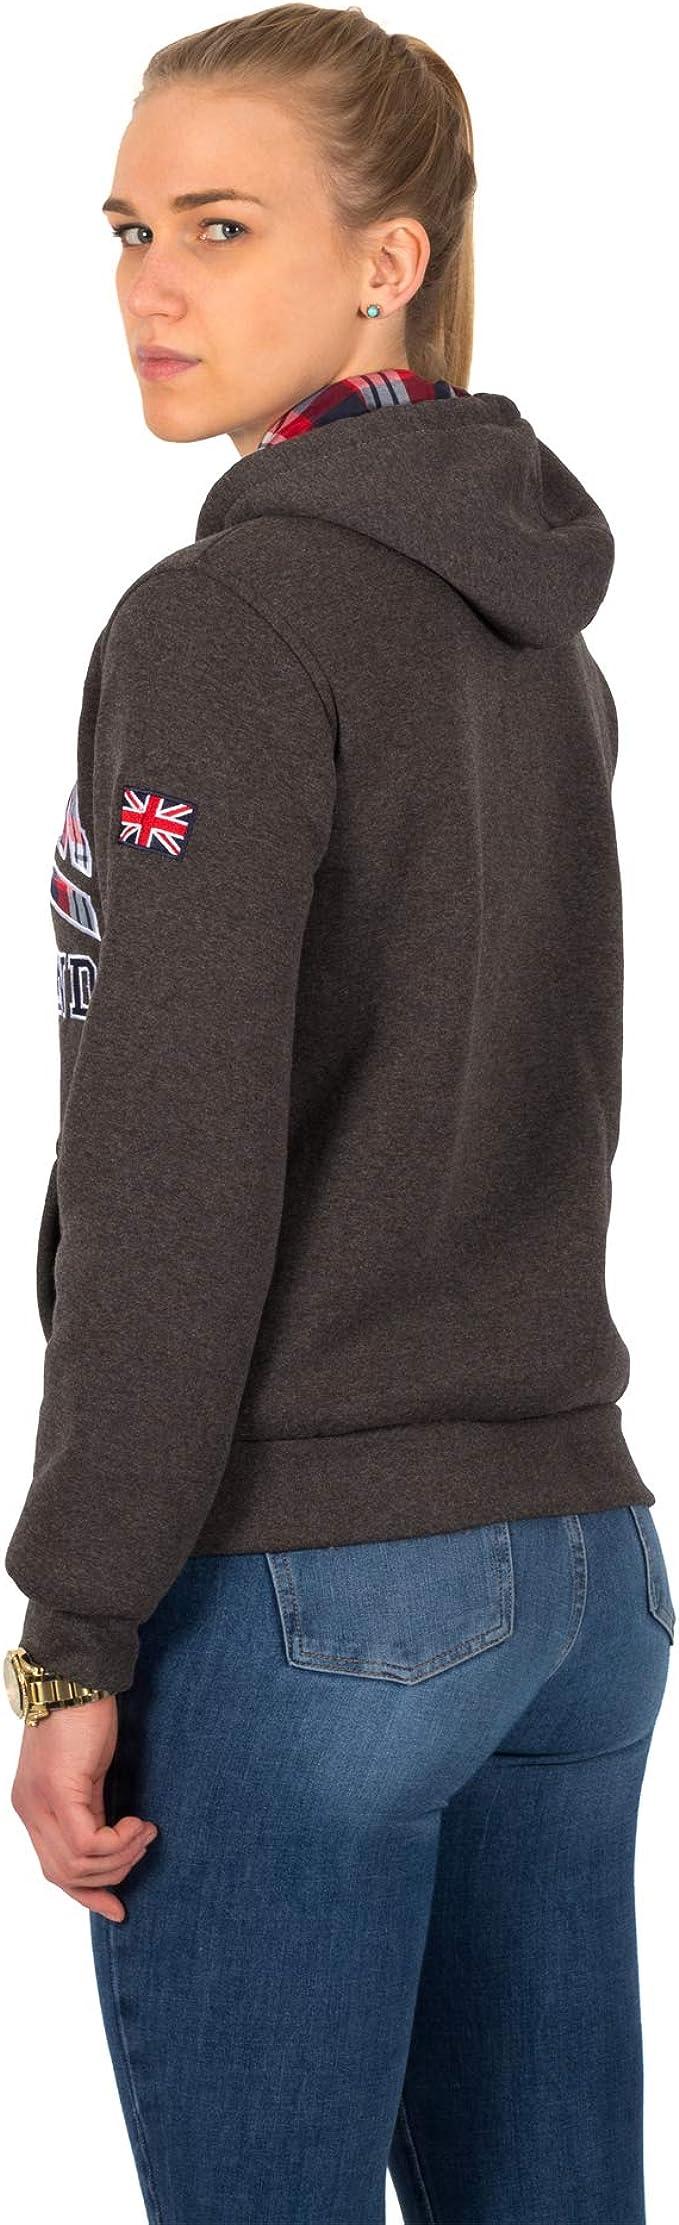 Donna Londra Inghilterra Ladies Ekose Stile Union Jack Souvenir Felpe con Cappuccio Maniche Lunghe Zip Felpa con Cappuccio